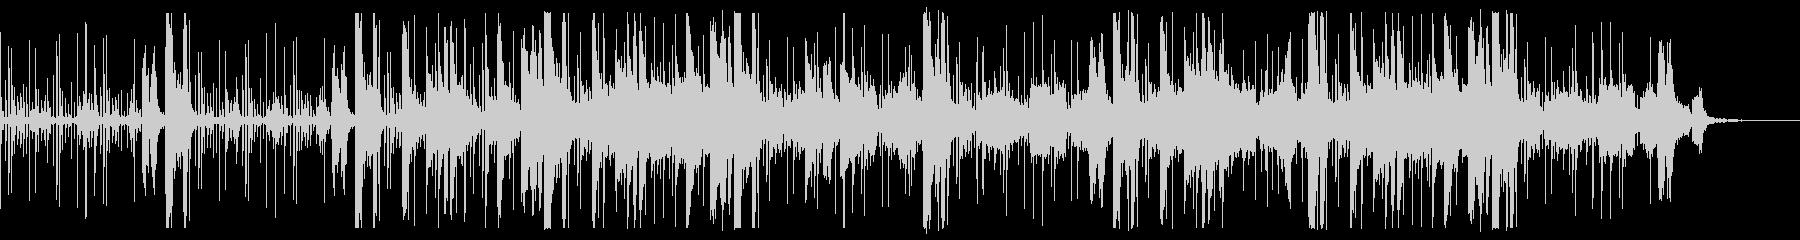 電子音・エレクトロニカ 悲壮的あるピアノの未再生の波形